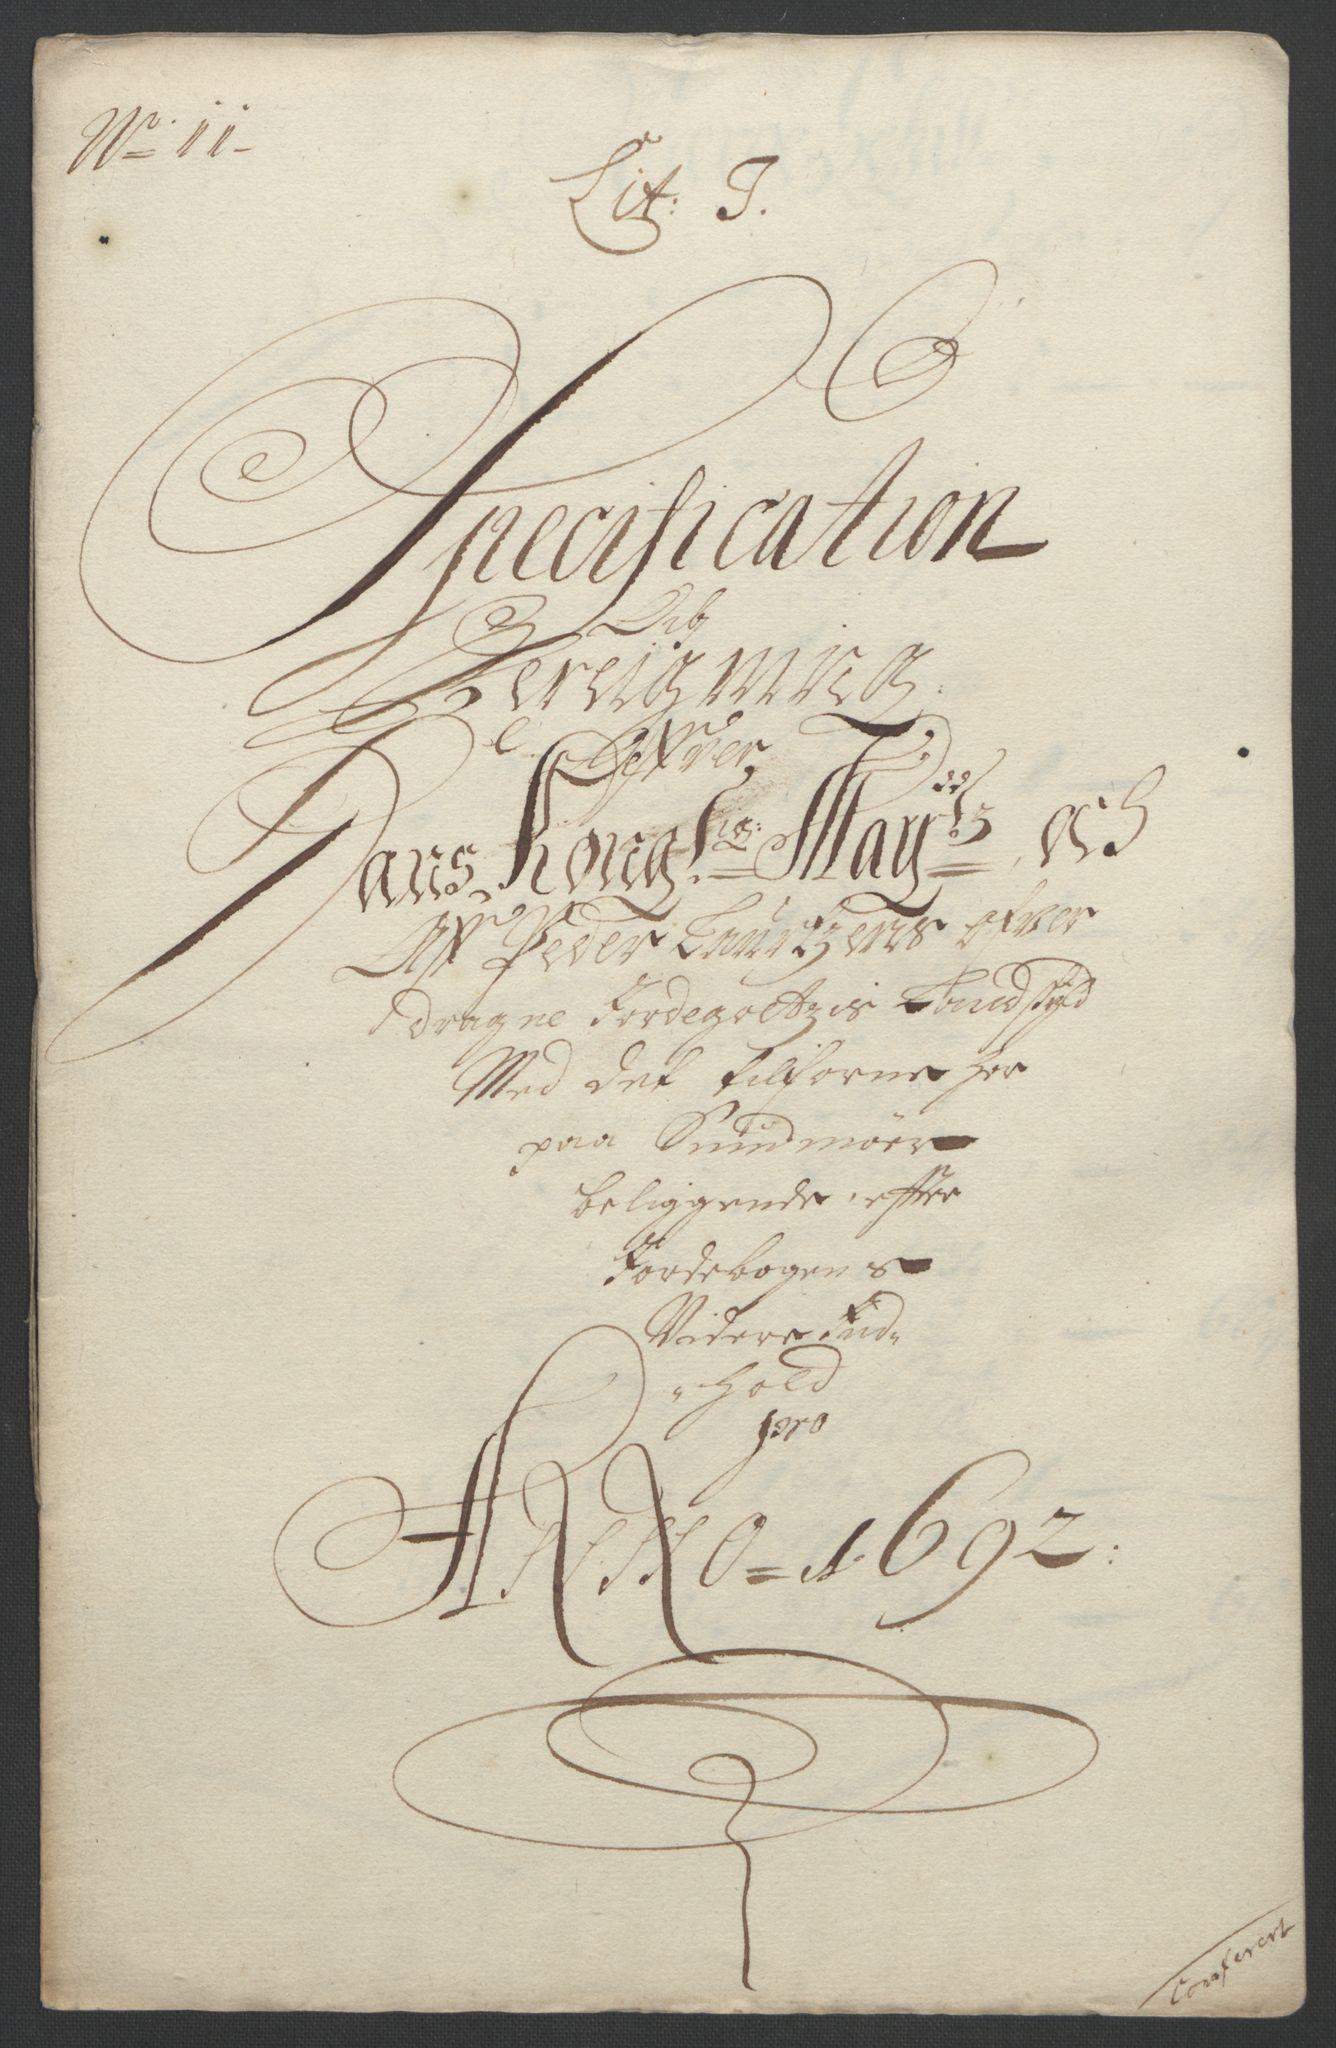 RA, Rentekammeret inntil 1814, Reviderte regnskaper, Fogderegnskap, R54/L3554: Fogderegnskap Sunnmøre, 1691-1693, s. 303